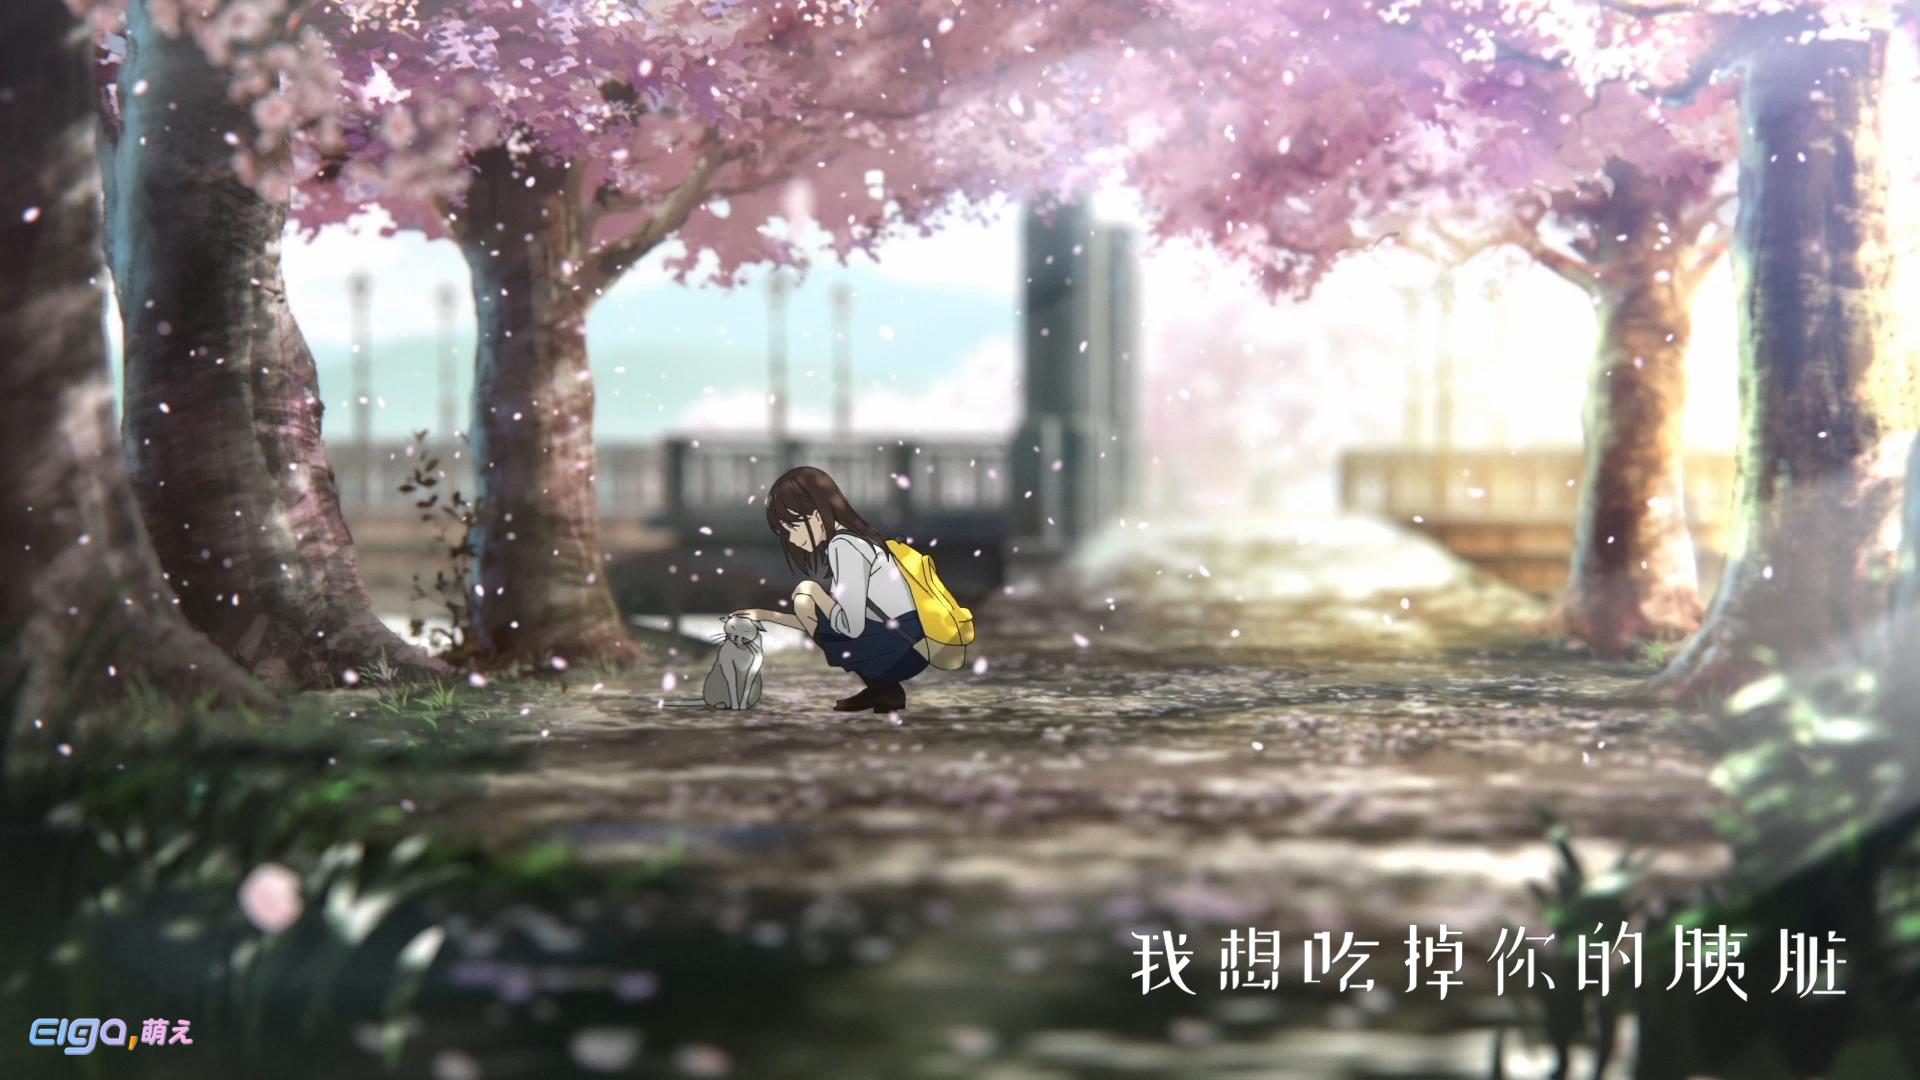 日系绝美动画电影《我想吃掉你的胰脏》亮相腾讯全球